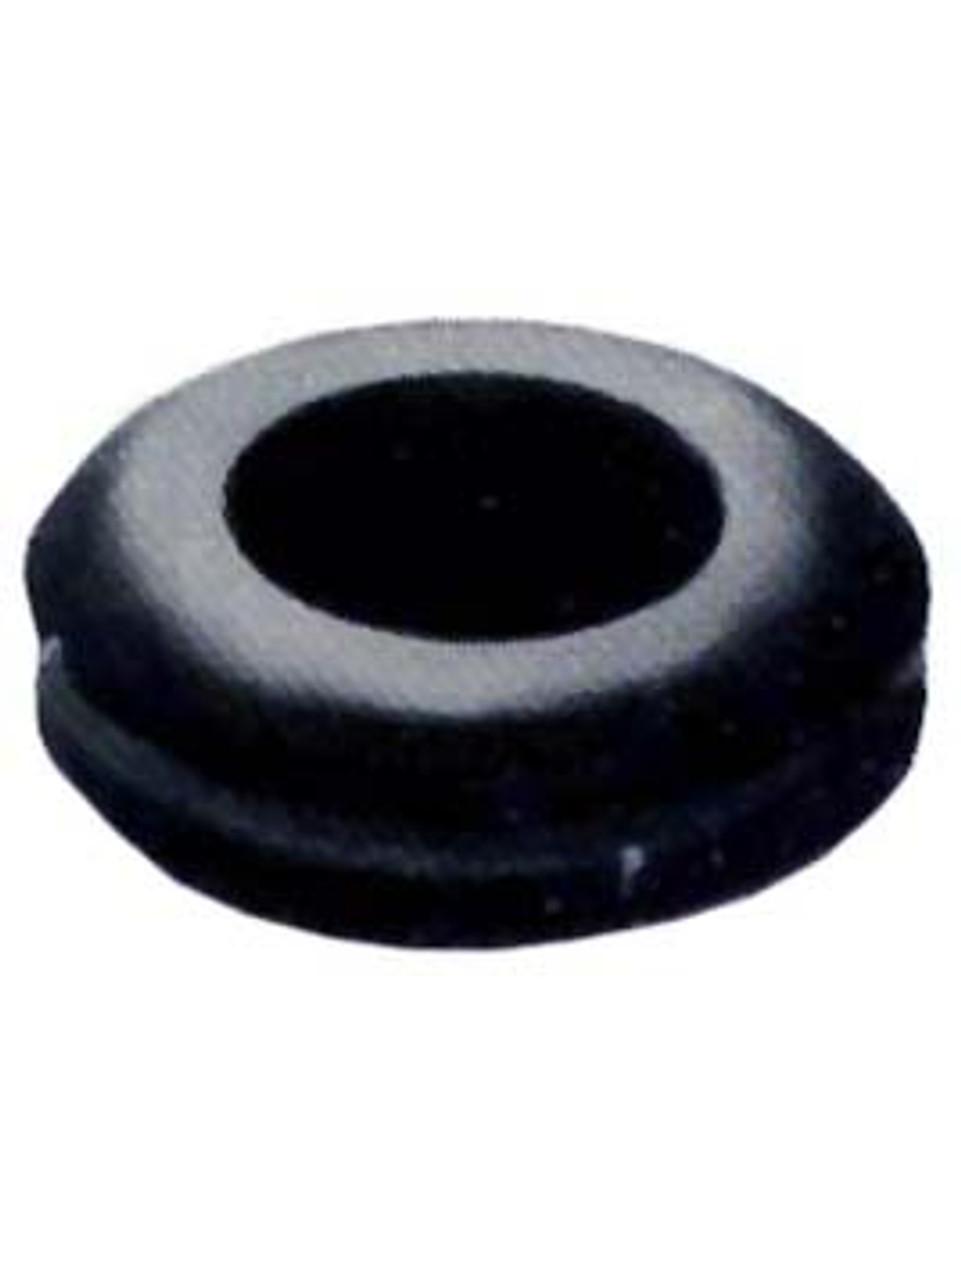 GROM12 --- Rubber Grommet